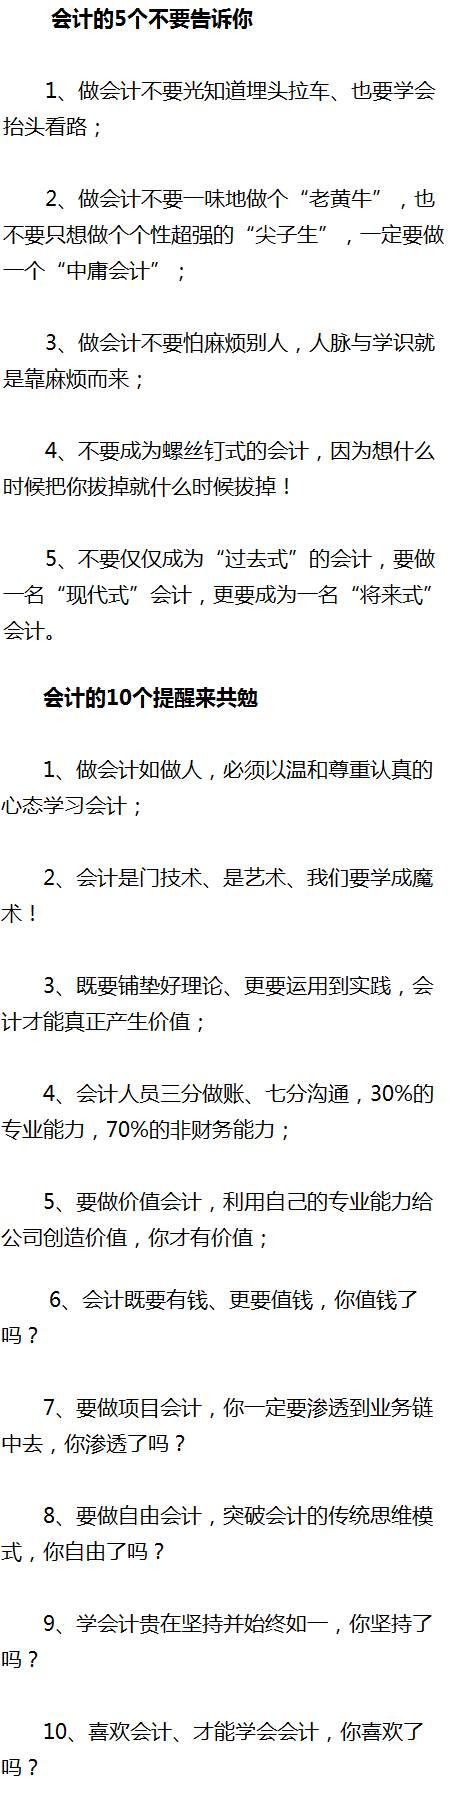 """【财务分析】非常重要!会计人员的""""5个不要""""与""""10个提醒"""""""